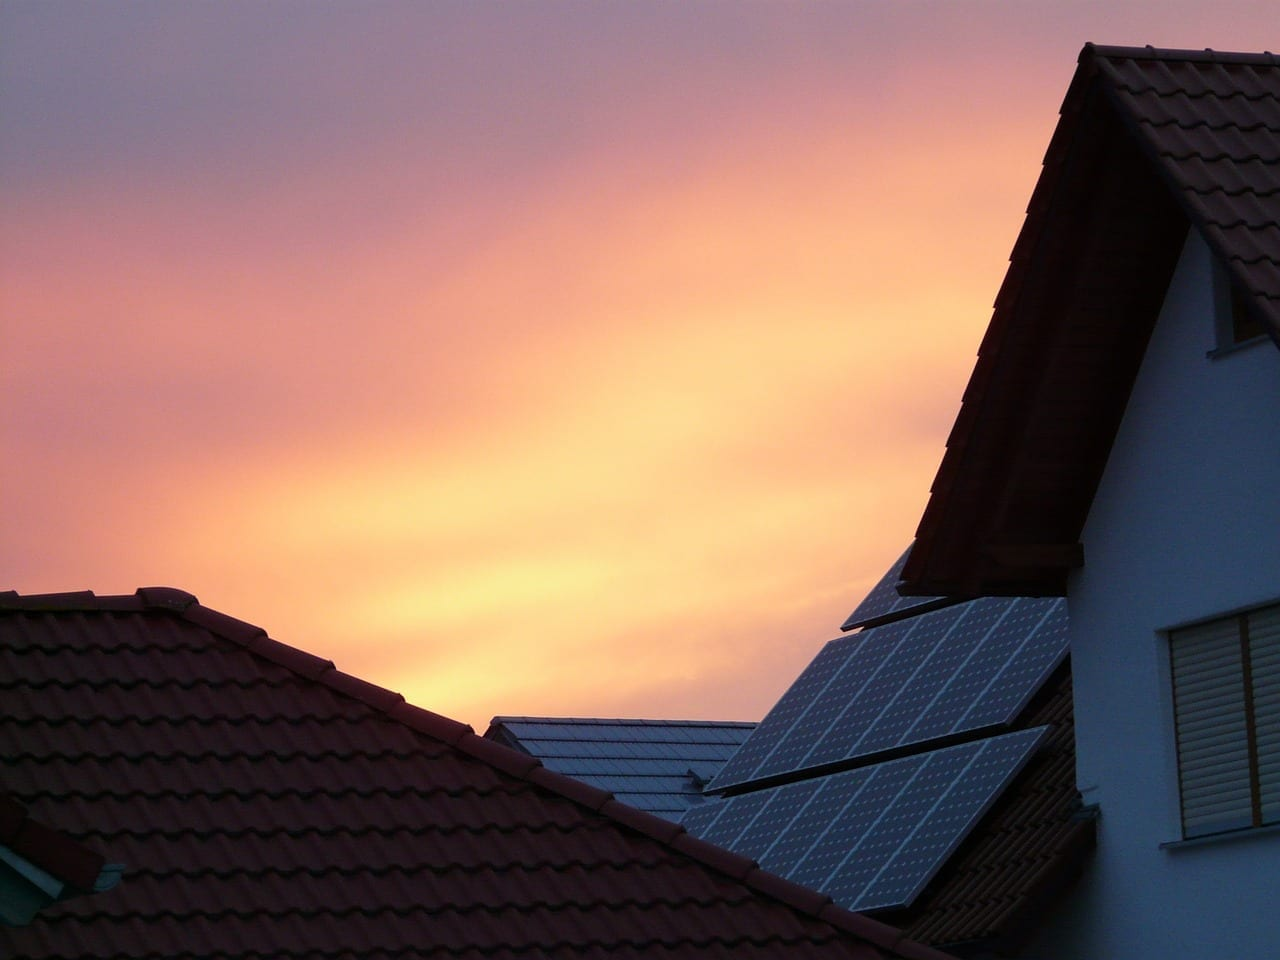 Aguilón Las Células Solares Casa España